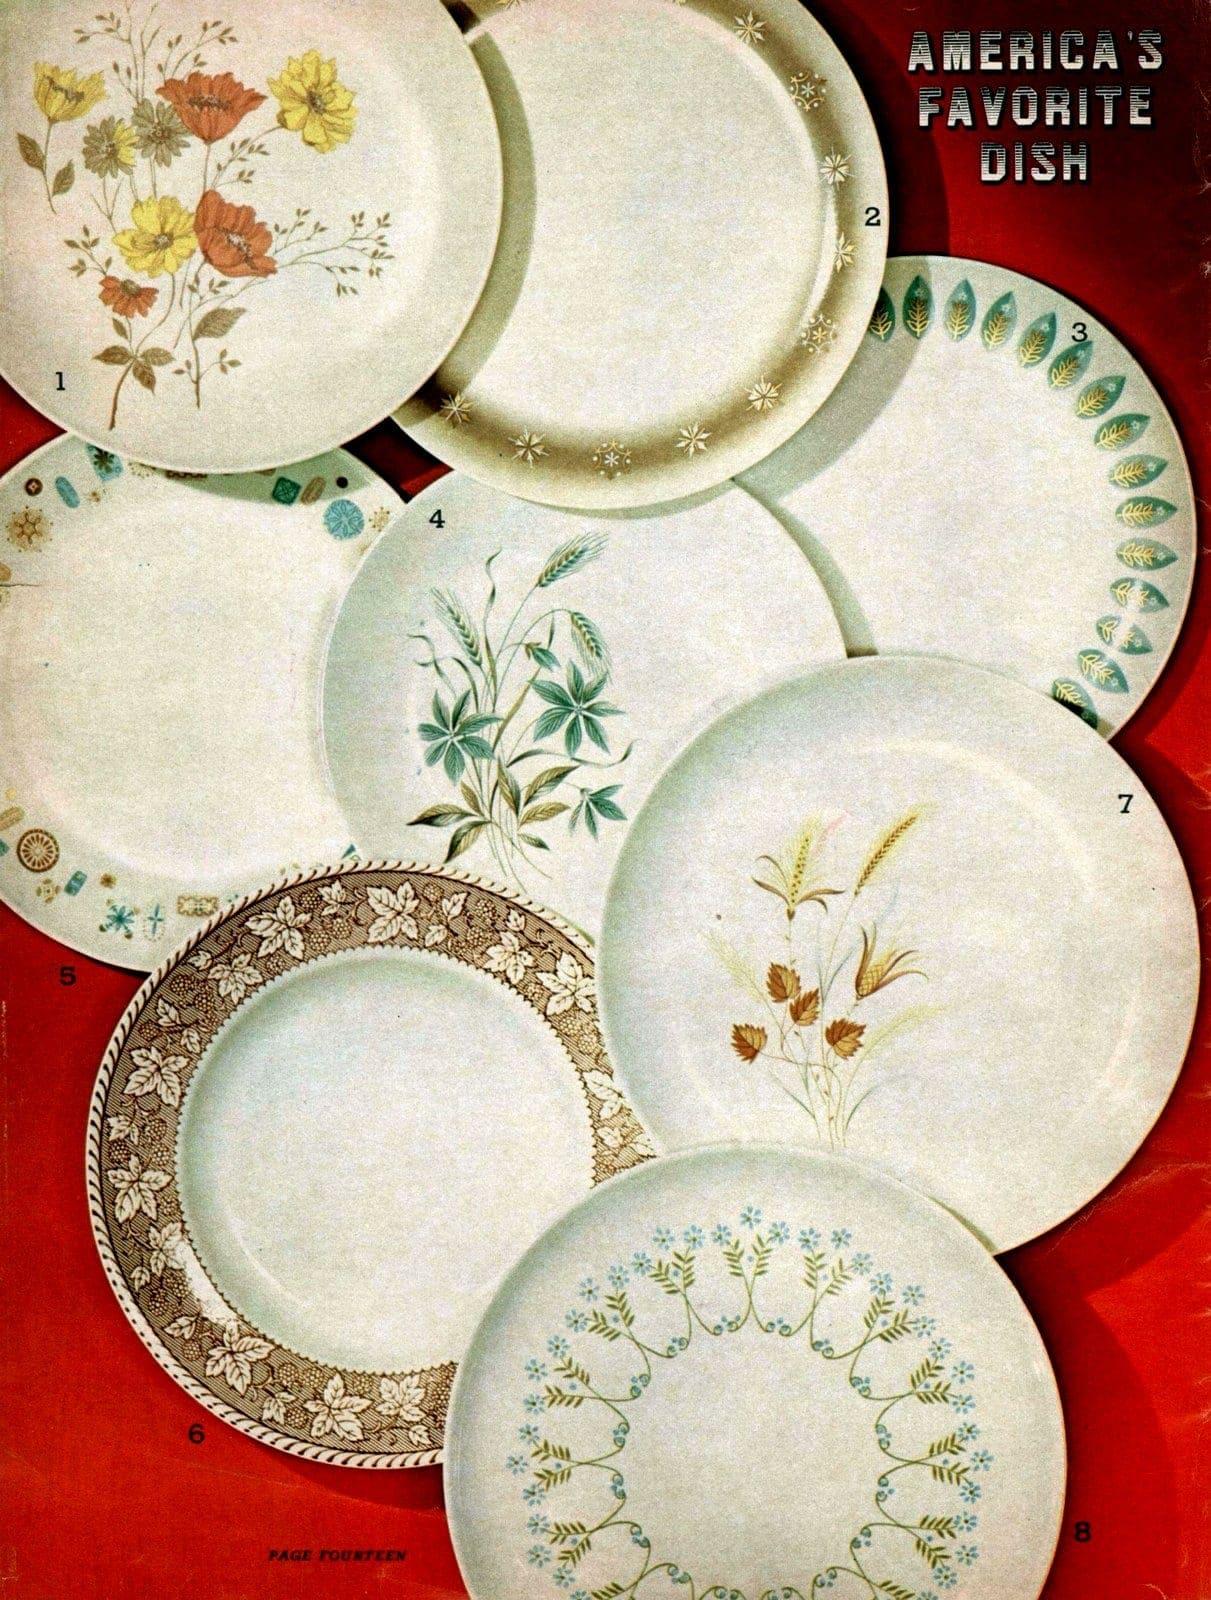 Vintage dishware patterns for plates